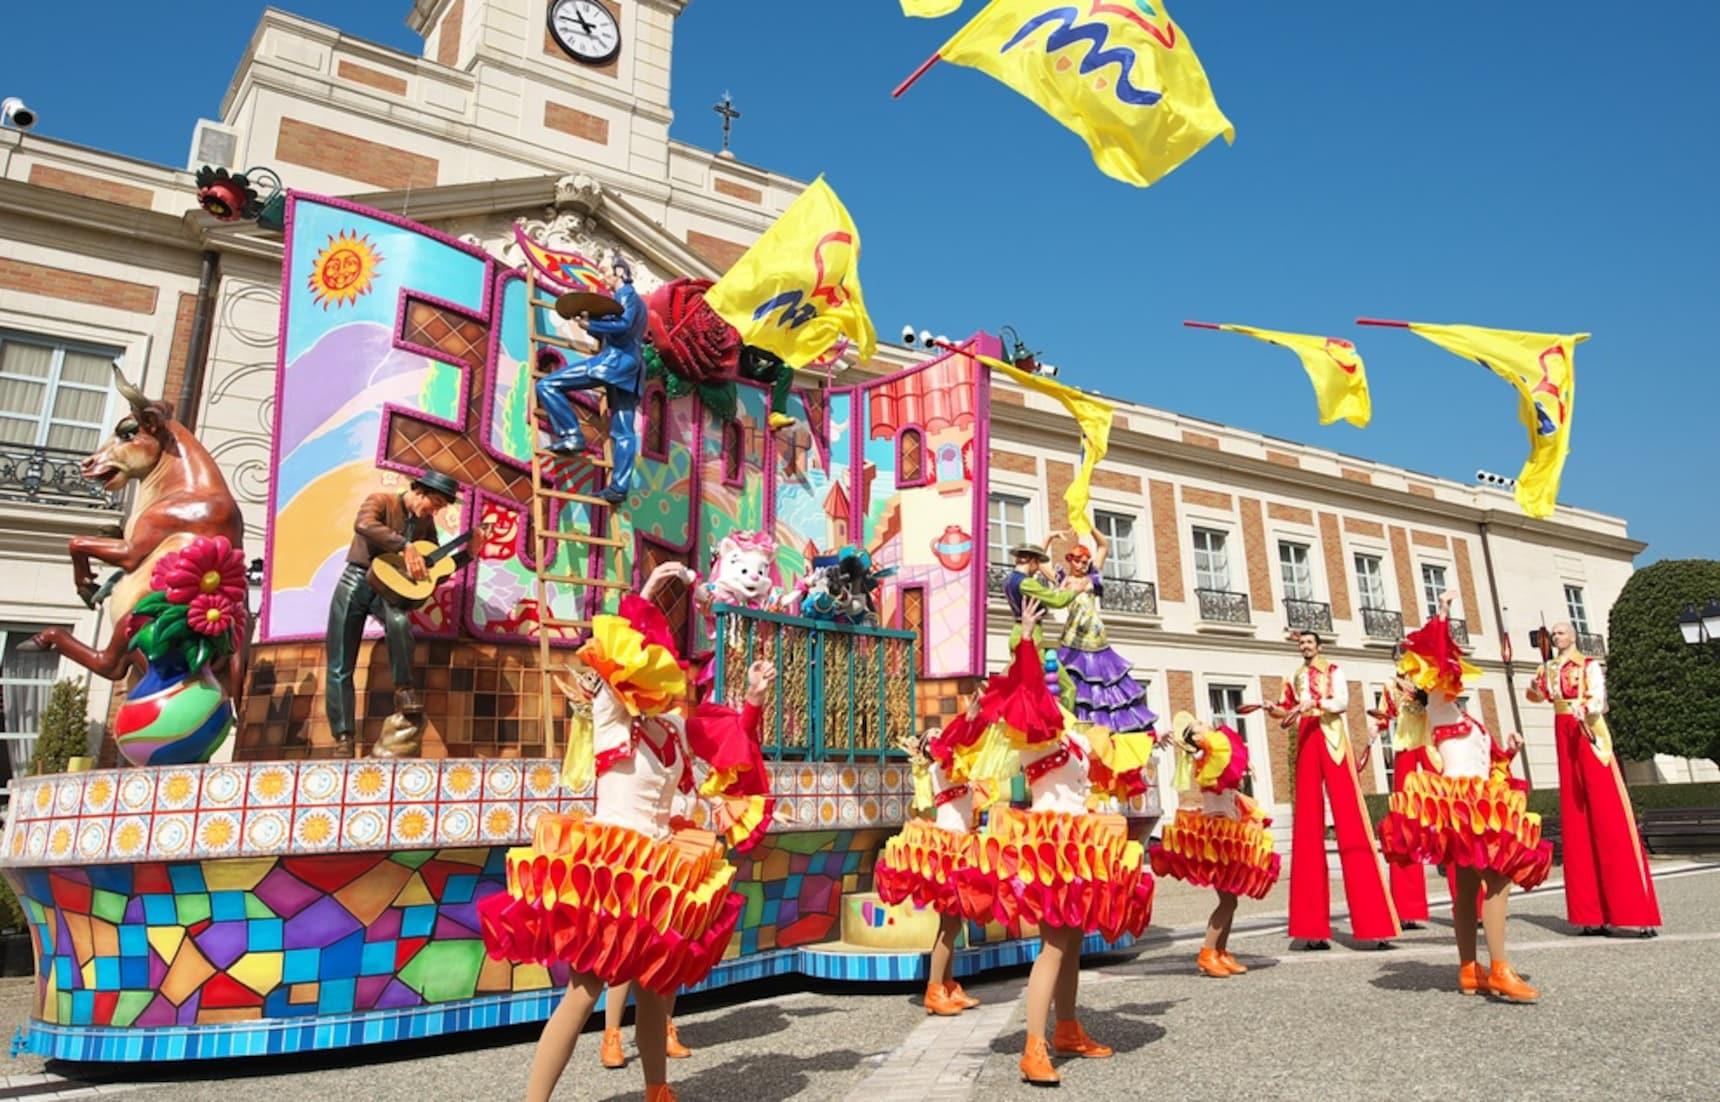 An Amusement Park with Spanish Flair